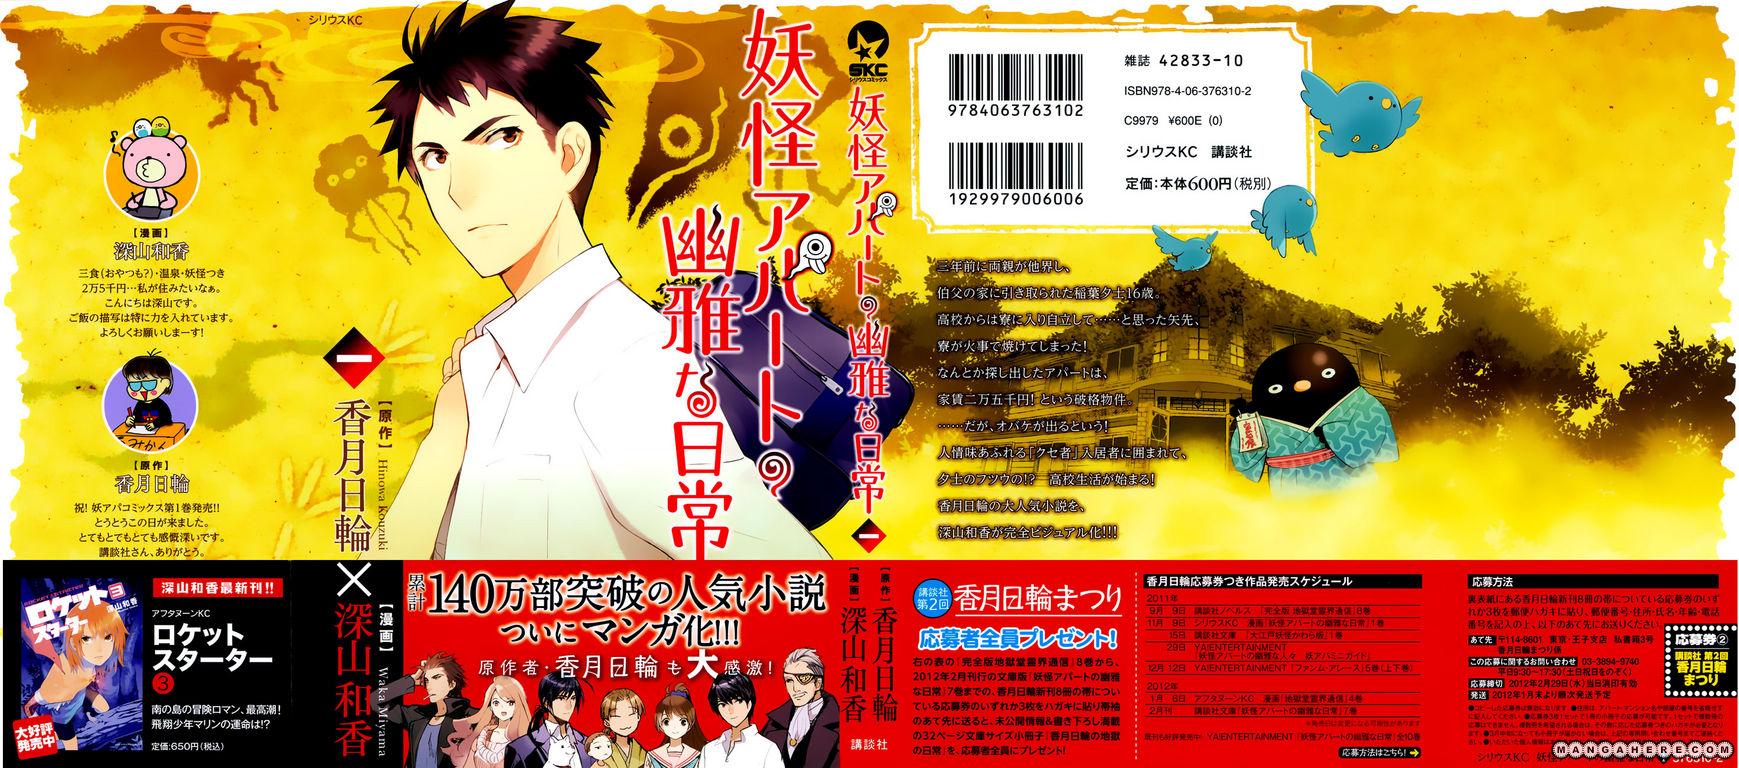 Youkai Apato no Yuuga na Nichijou 1 Page 2